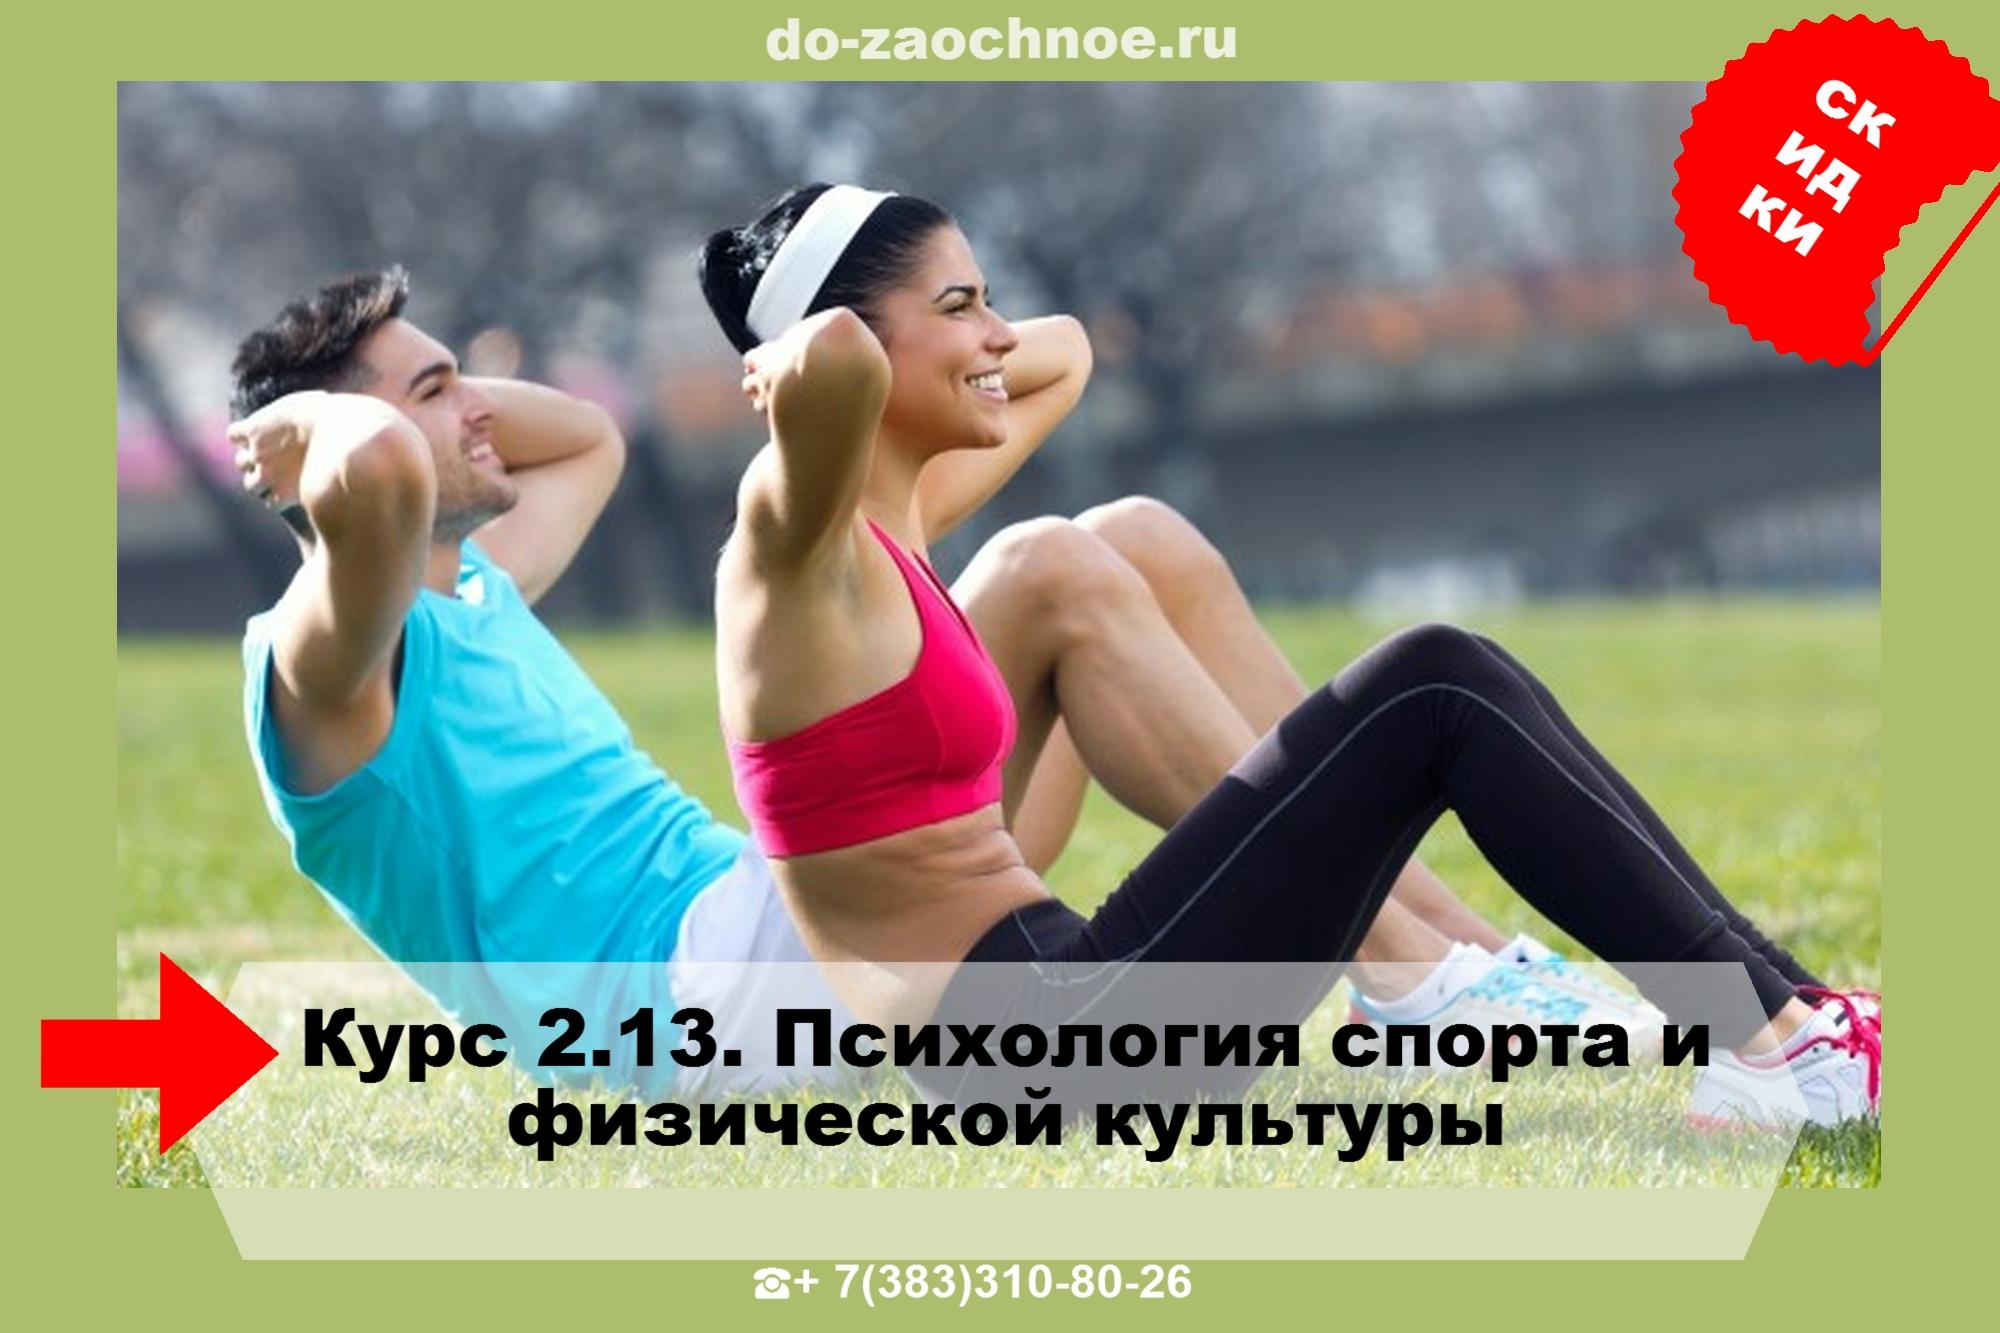 ИДПК дистанционные курсы Психология спорта и физической культуры на do-zaochnoe.ru ТУТ!